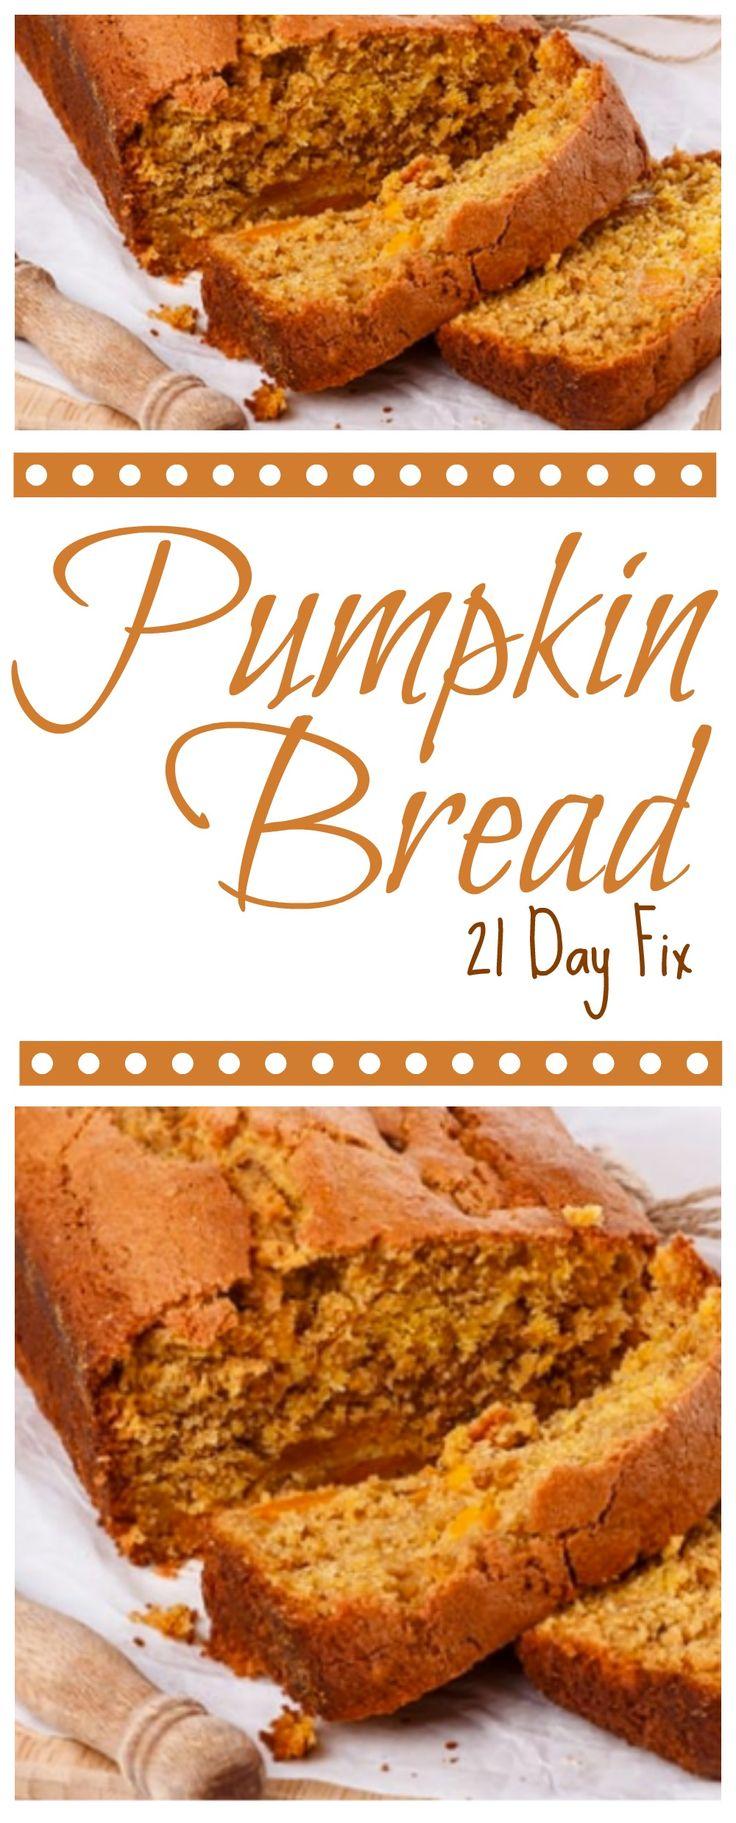 21 Day Fix Pumpkin Bread